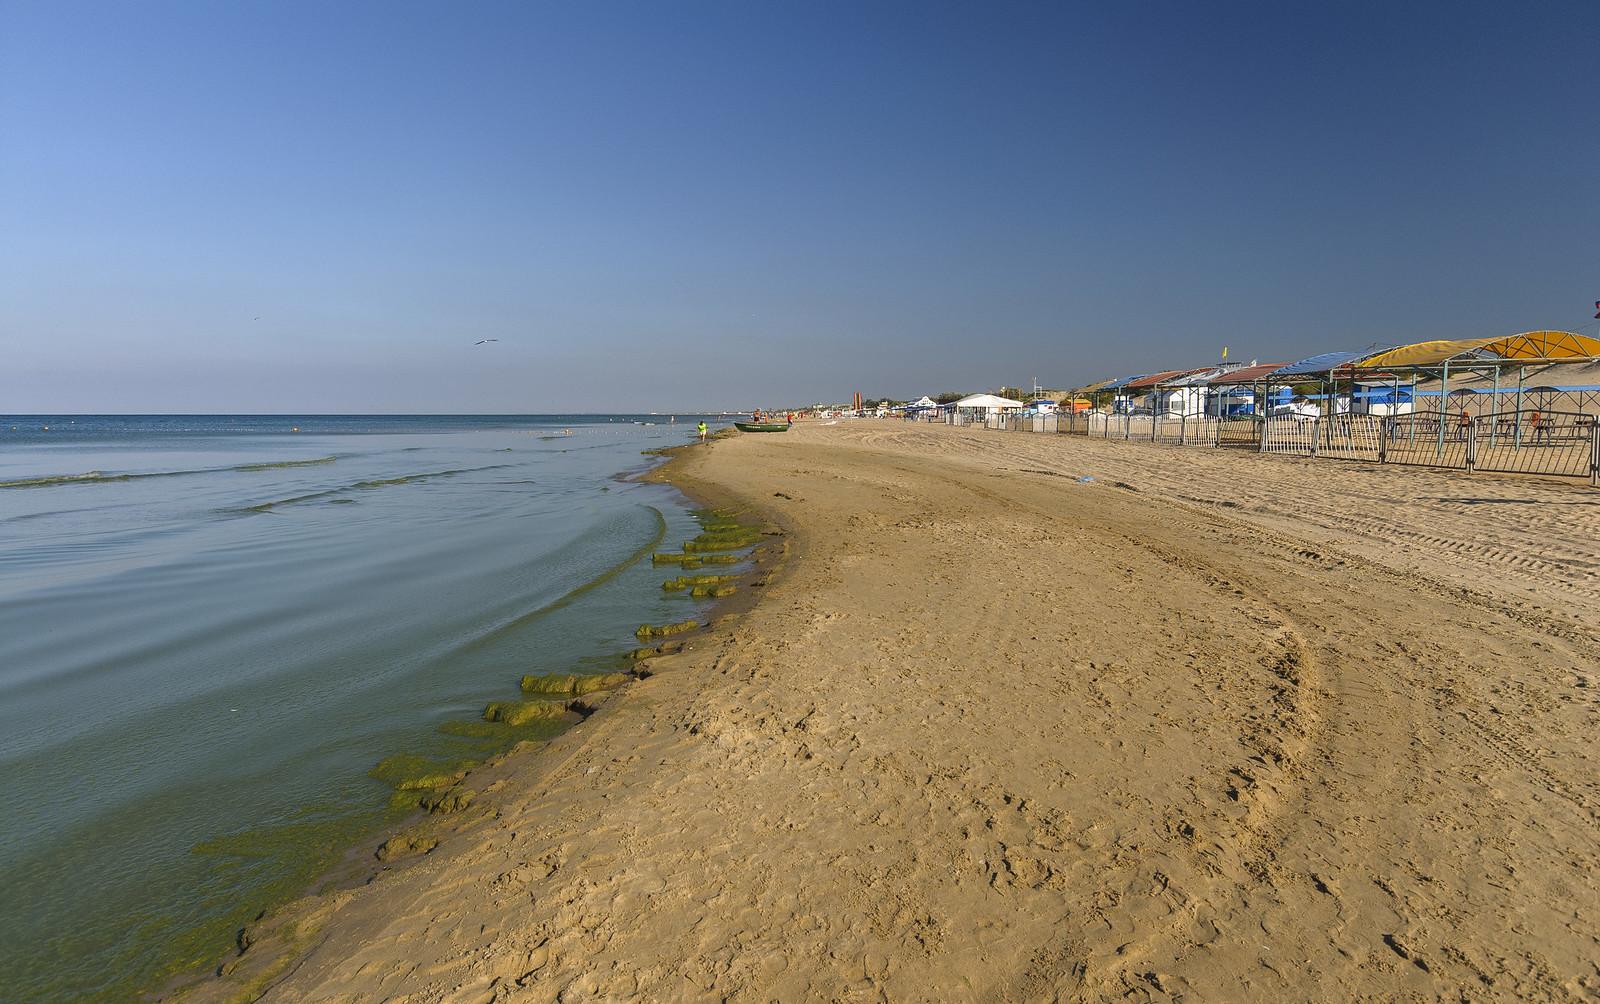 Пляжи Анапы 2018: песчаные, галечные, для детей, дикие 40